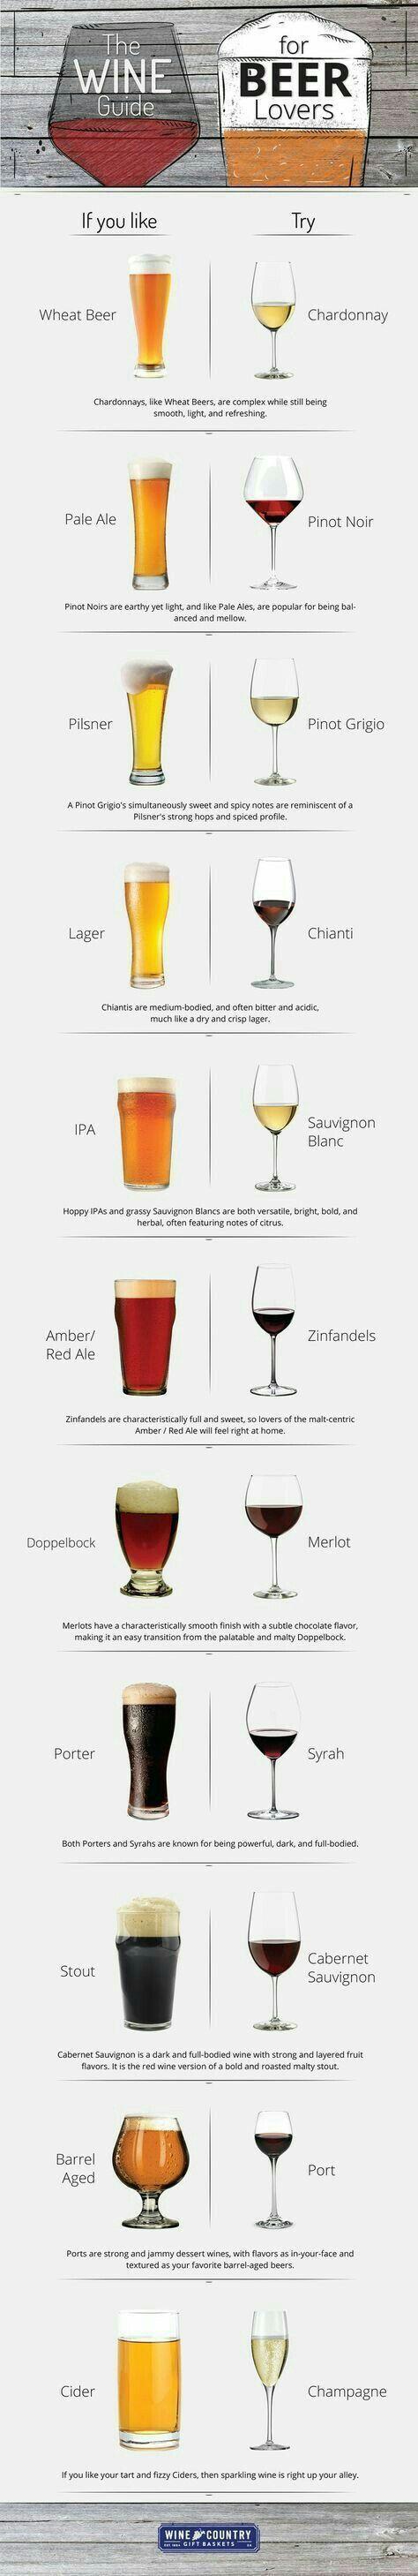 Wine for beer lovers and vice versa #winepairings